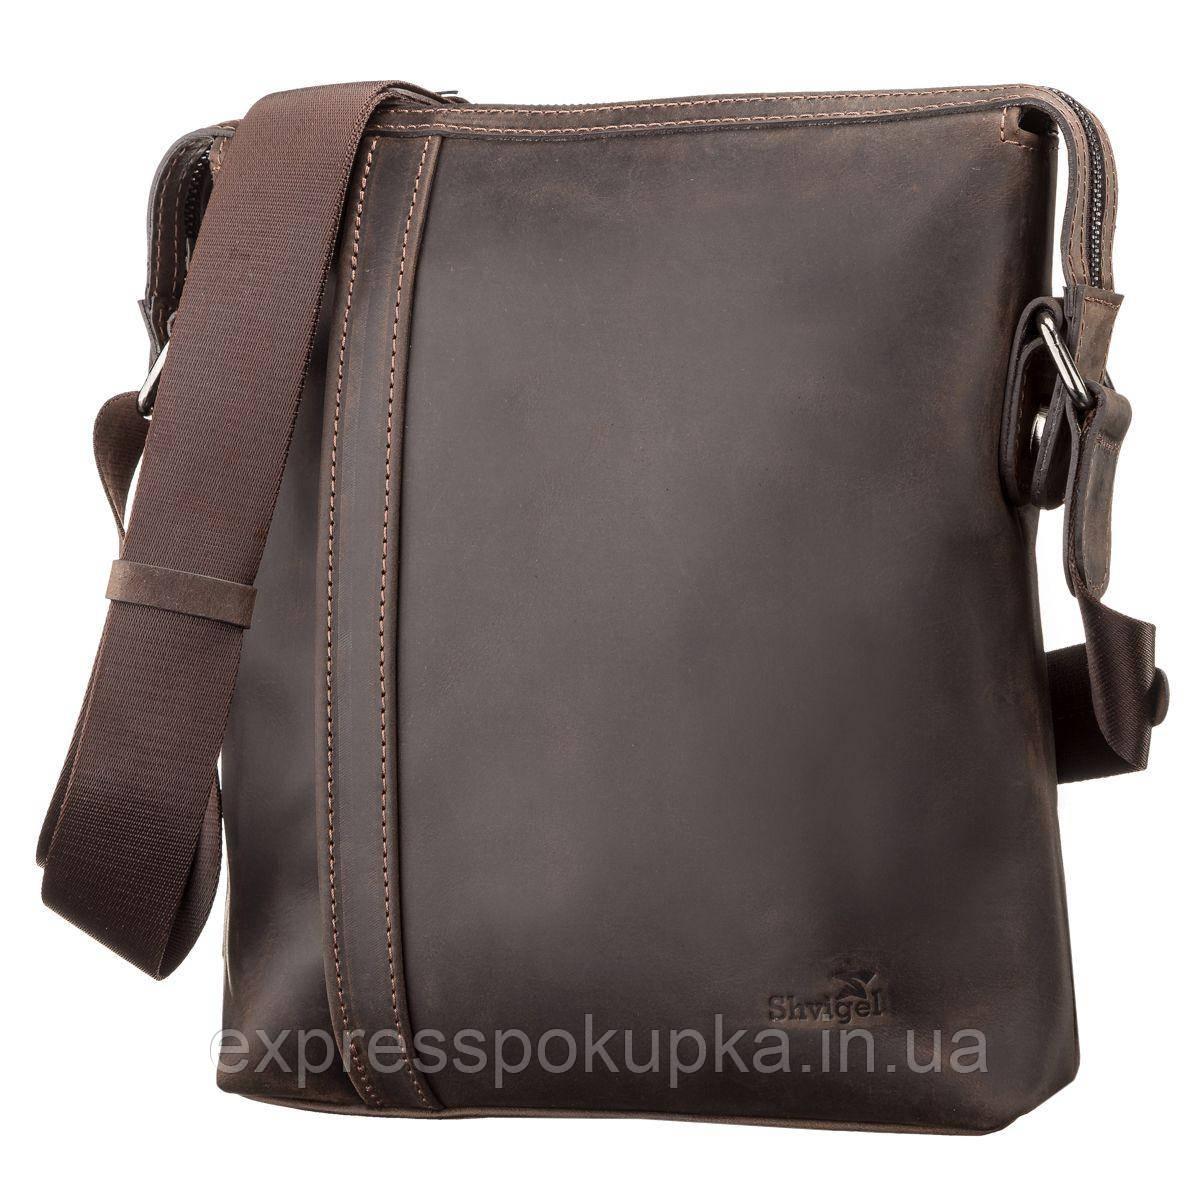 f21952be1d6c Сумка мужская SHVIGEL 11099 кожаная Коричневая, Коричневый: продажа ...